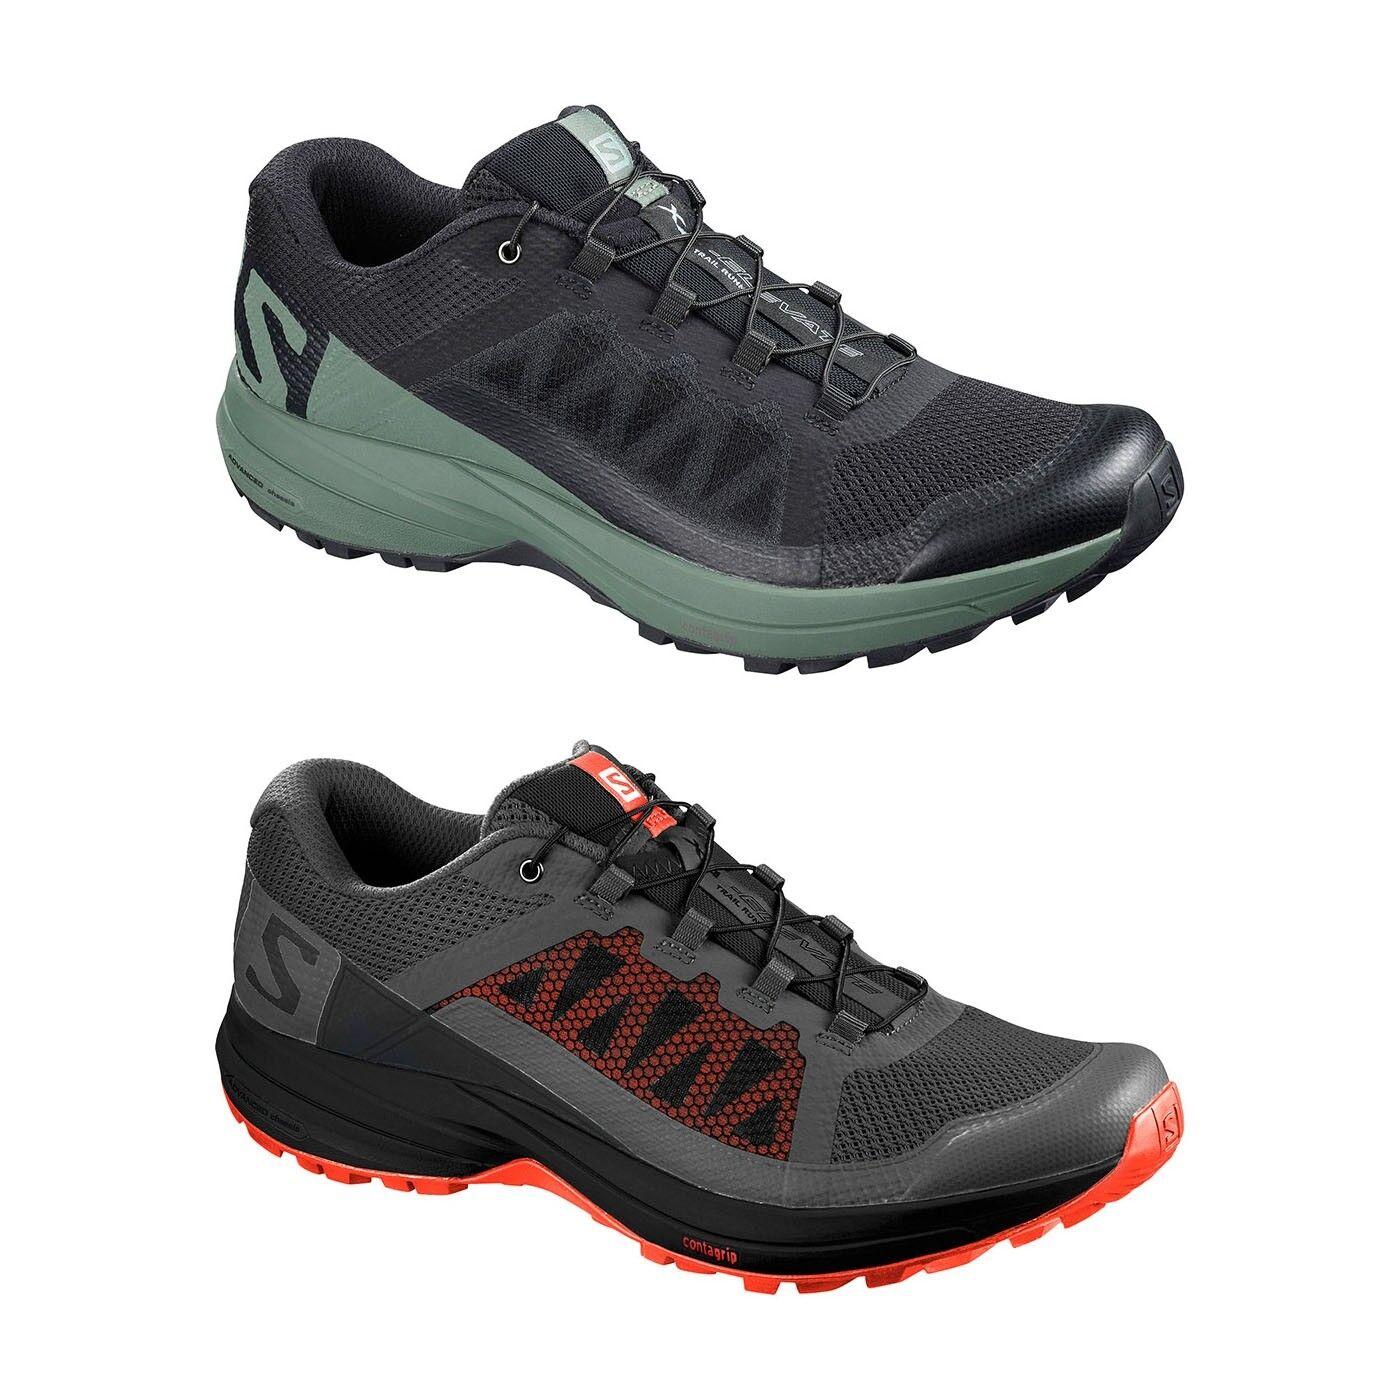 Nouveau Salomon XA Elevate hommes chaussures De Course chaussures De Course Toutes les Couleurs toutes les Tailles de pointe.